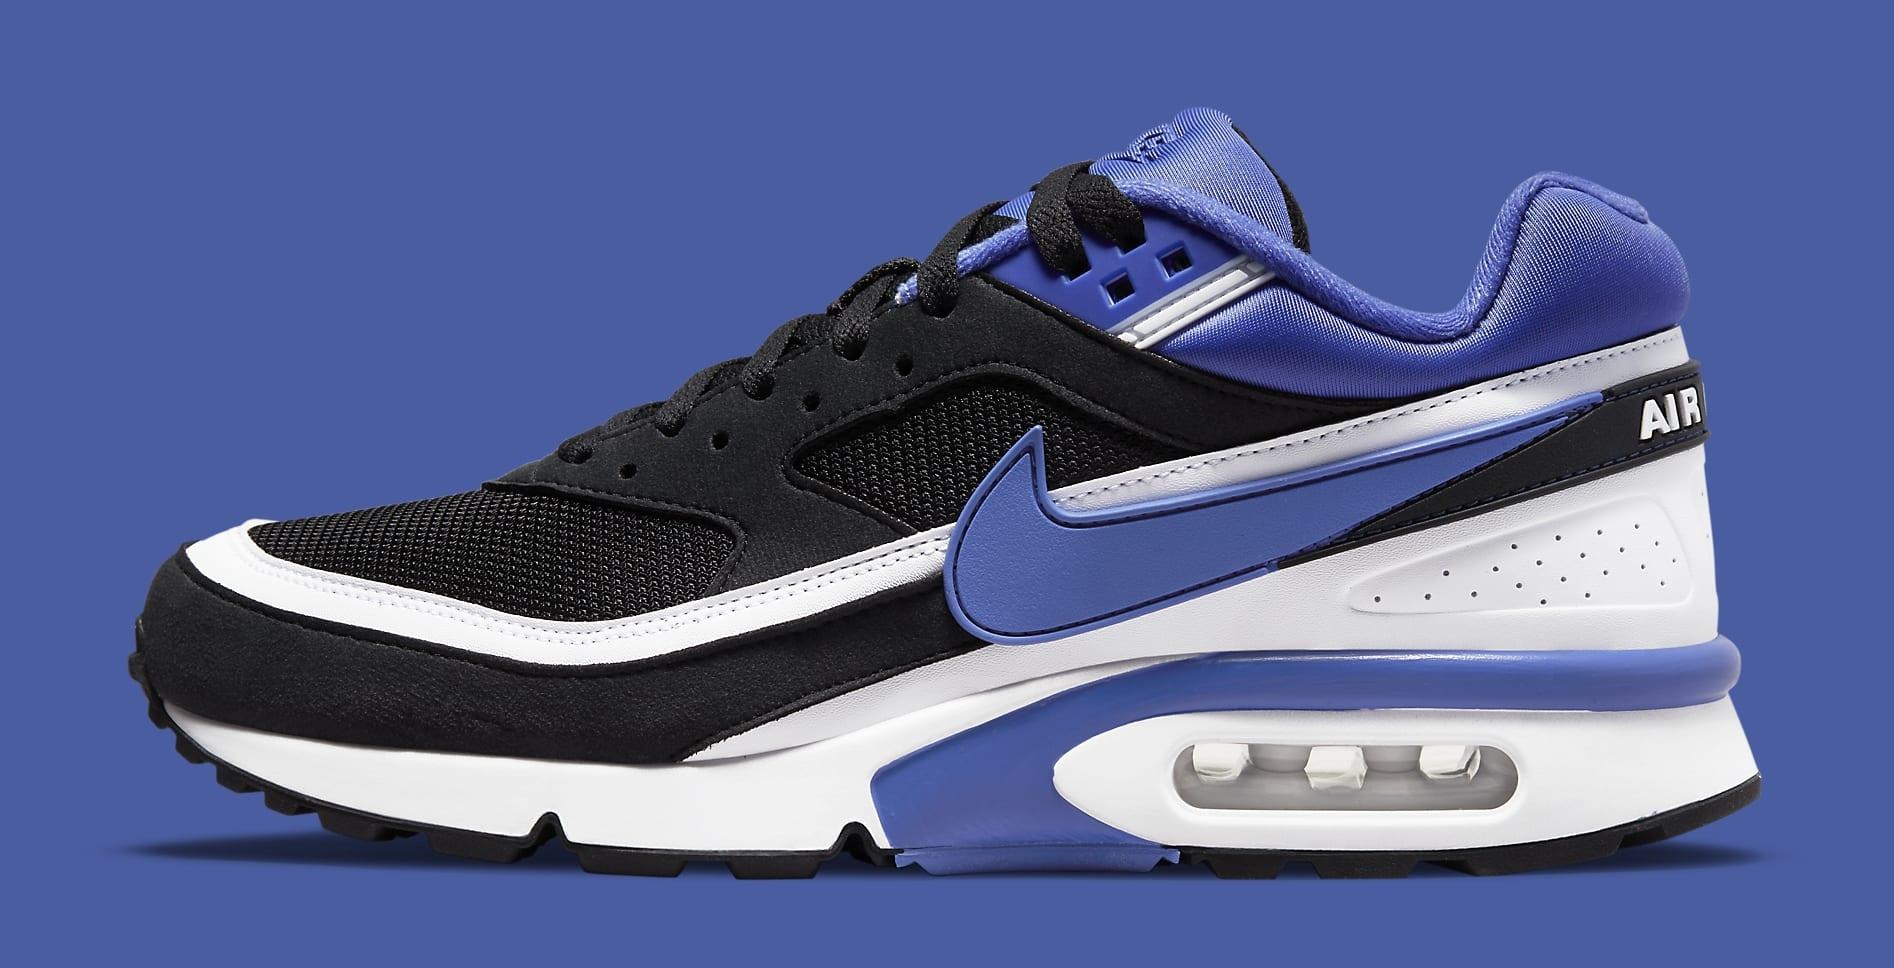 Nike Air Max BW 'Persian Violet' DJ6124-001 Lateral